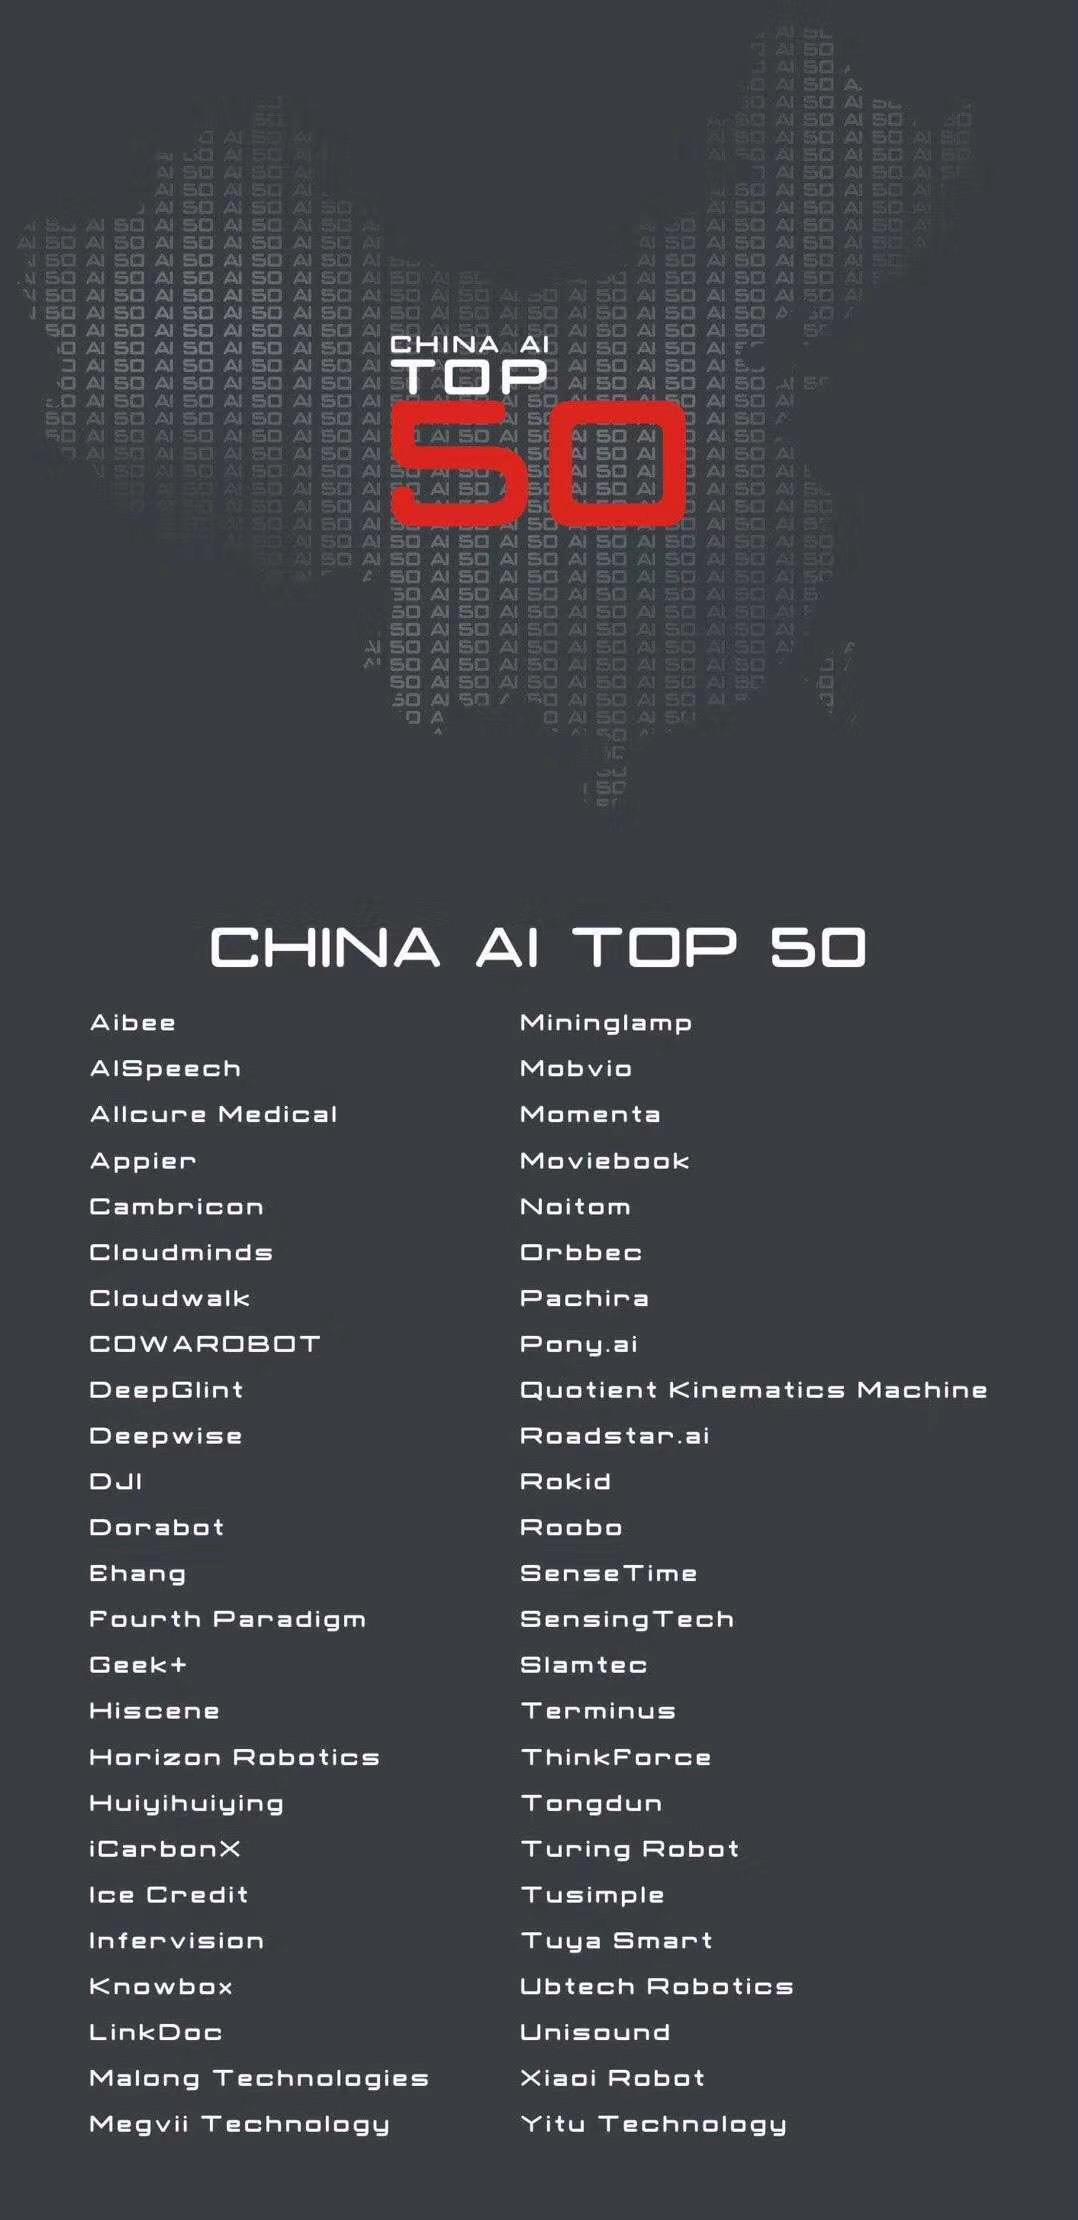 达沃斯论坛发布中国AI 50榜单 大疆、云从科技入选